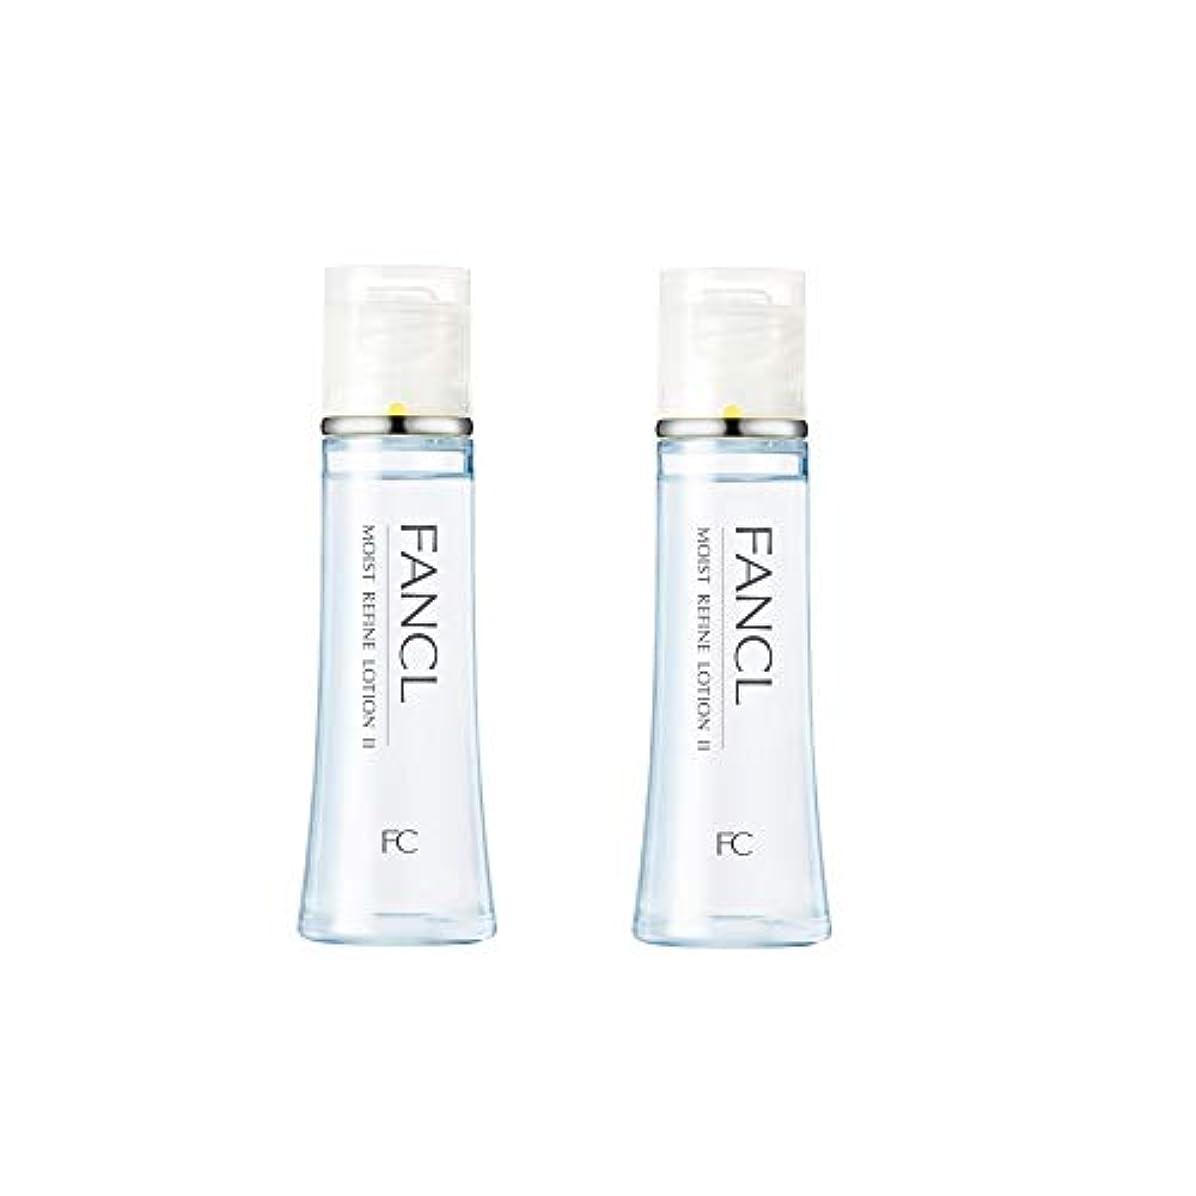 同種の啓発する一方、ファンケル (FANCL) モイストリファイン 化粧液II しっとり 2本セット 30mL×2 (約60日分)